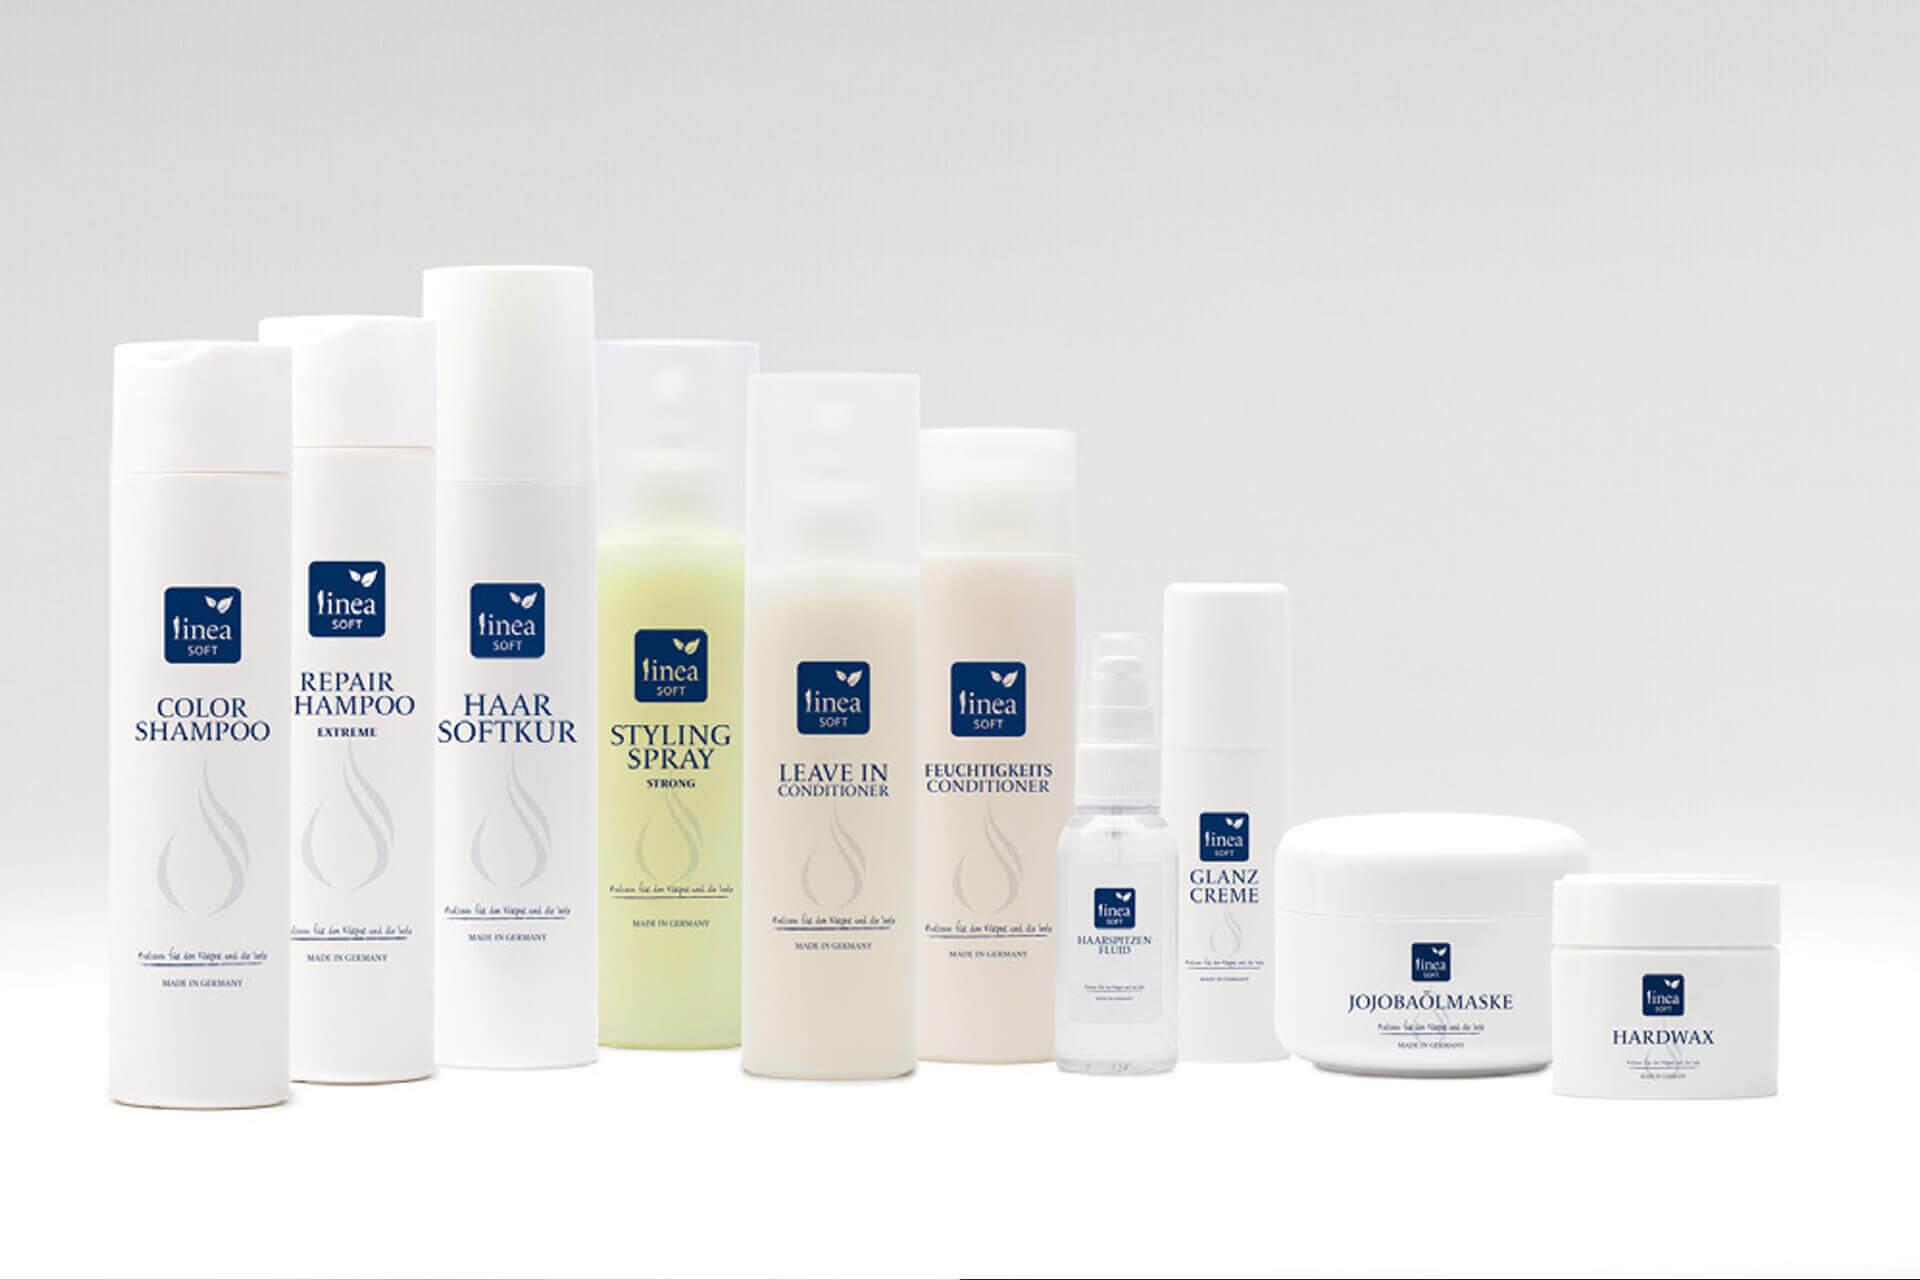 Verpackungsdesign / packaging design Beispiel für eine Kosmetik Serie / Haarpflegeprodukte.